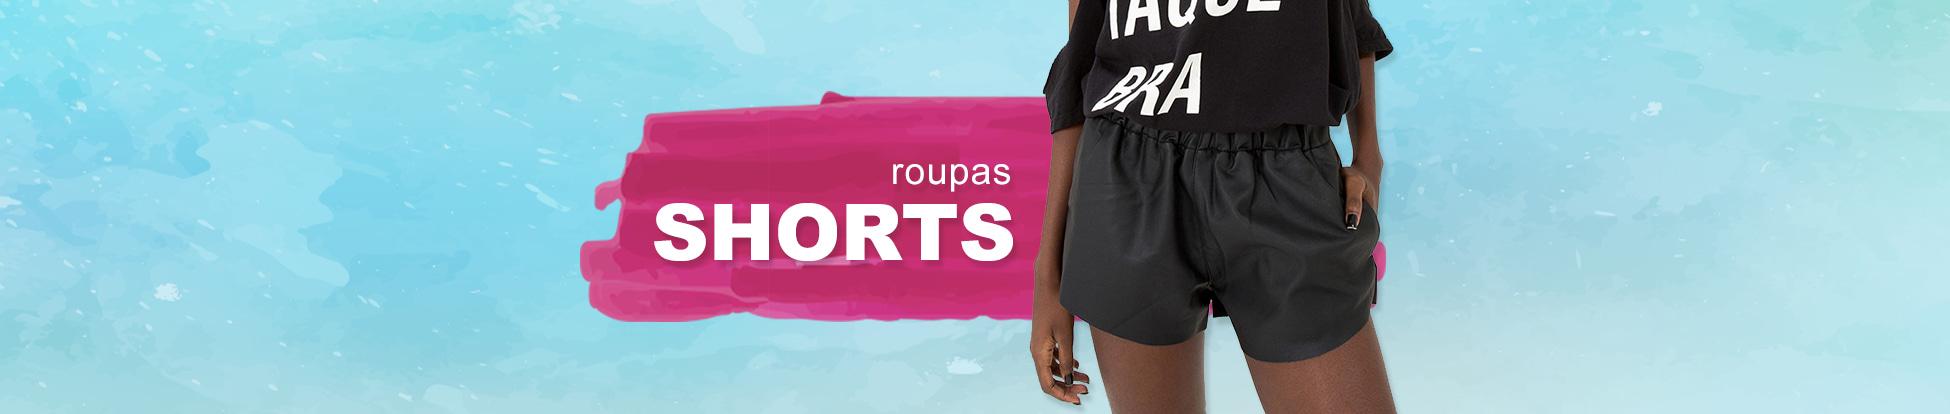 Roupas - Shorts